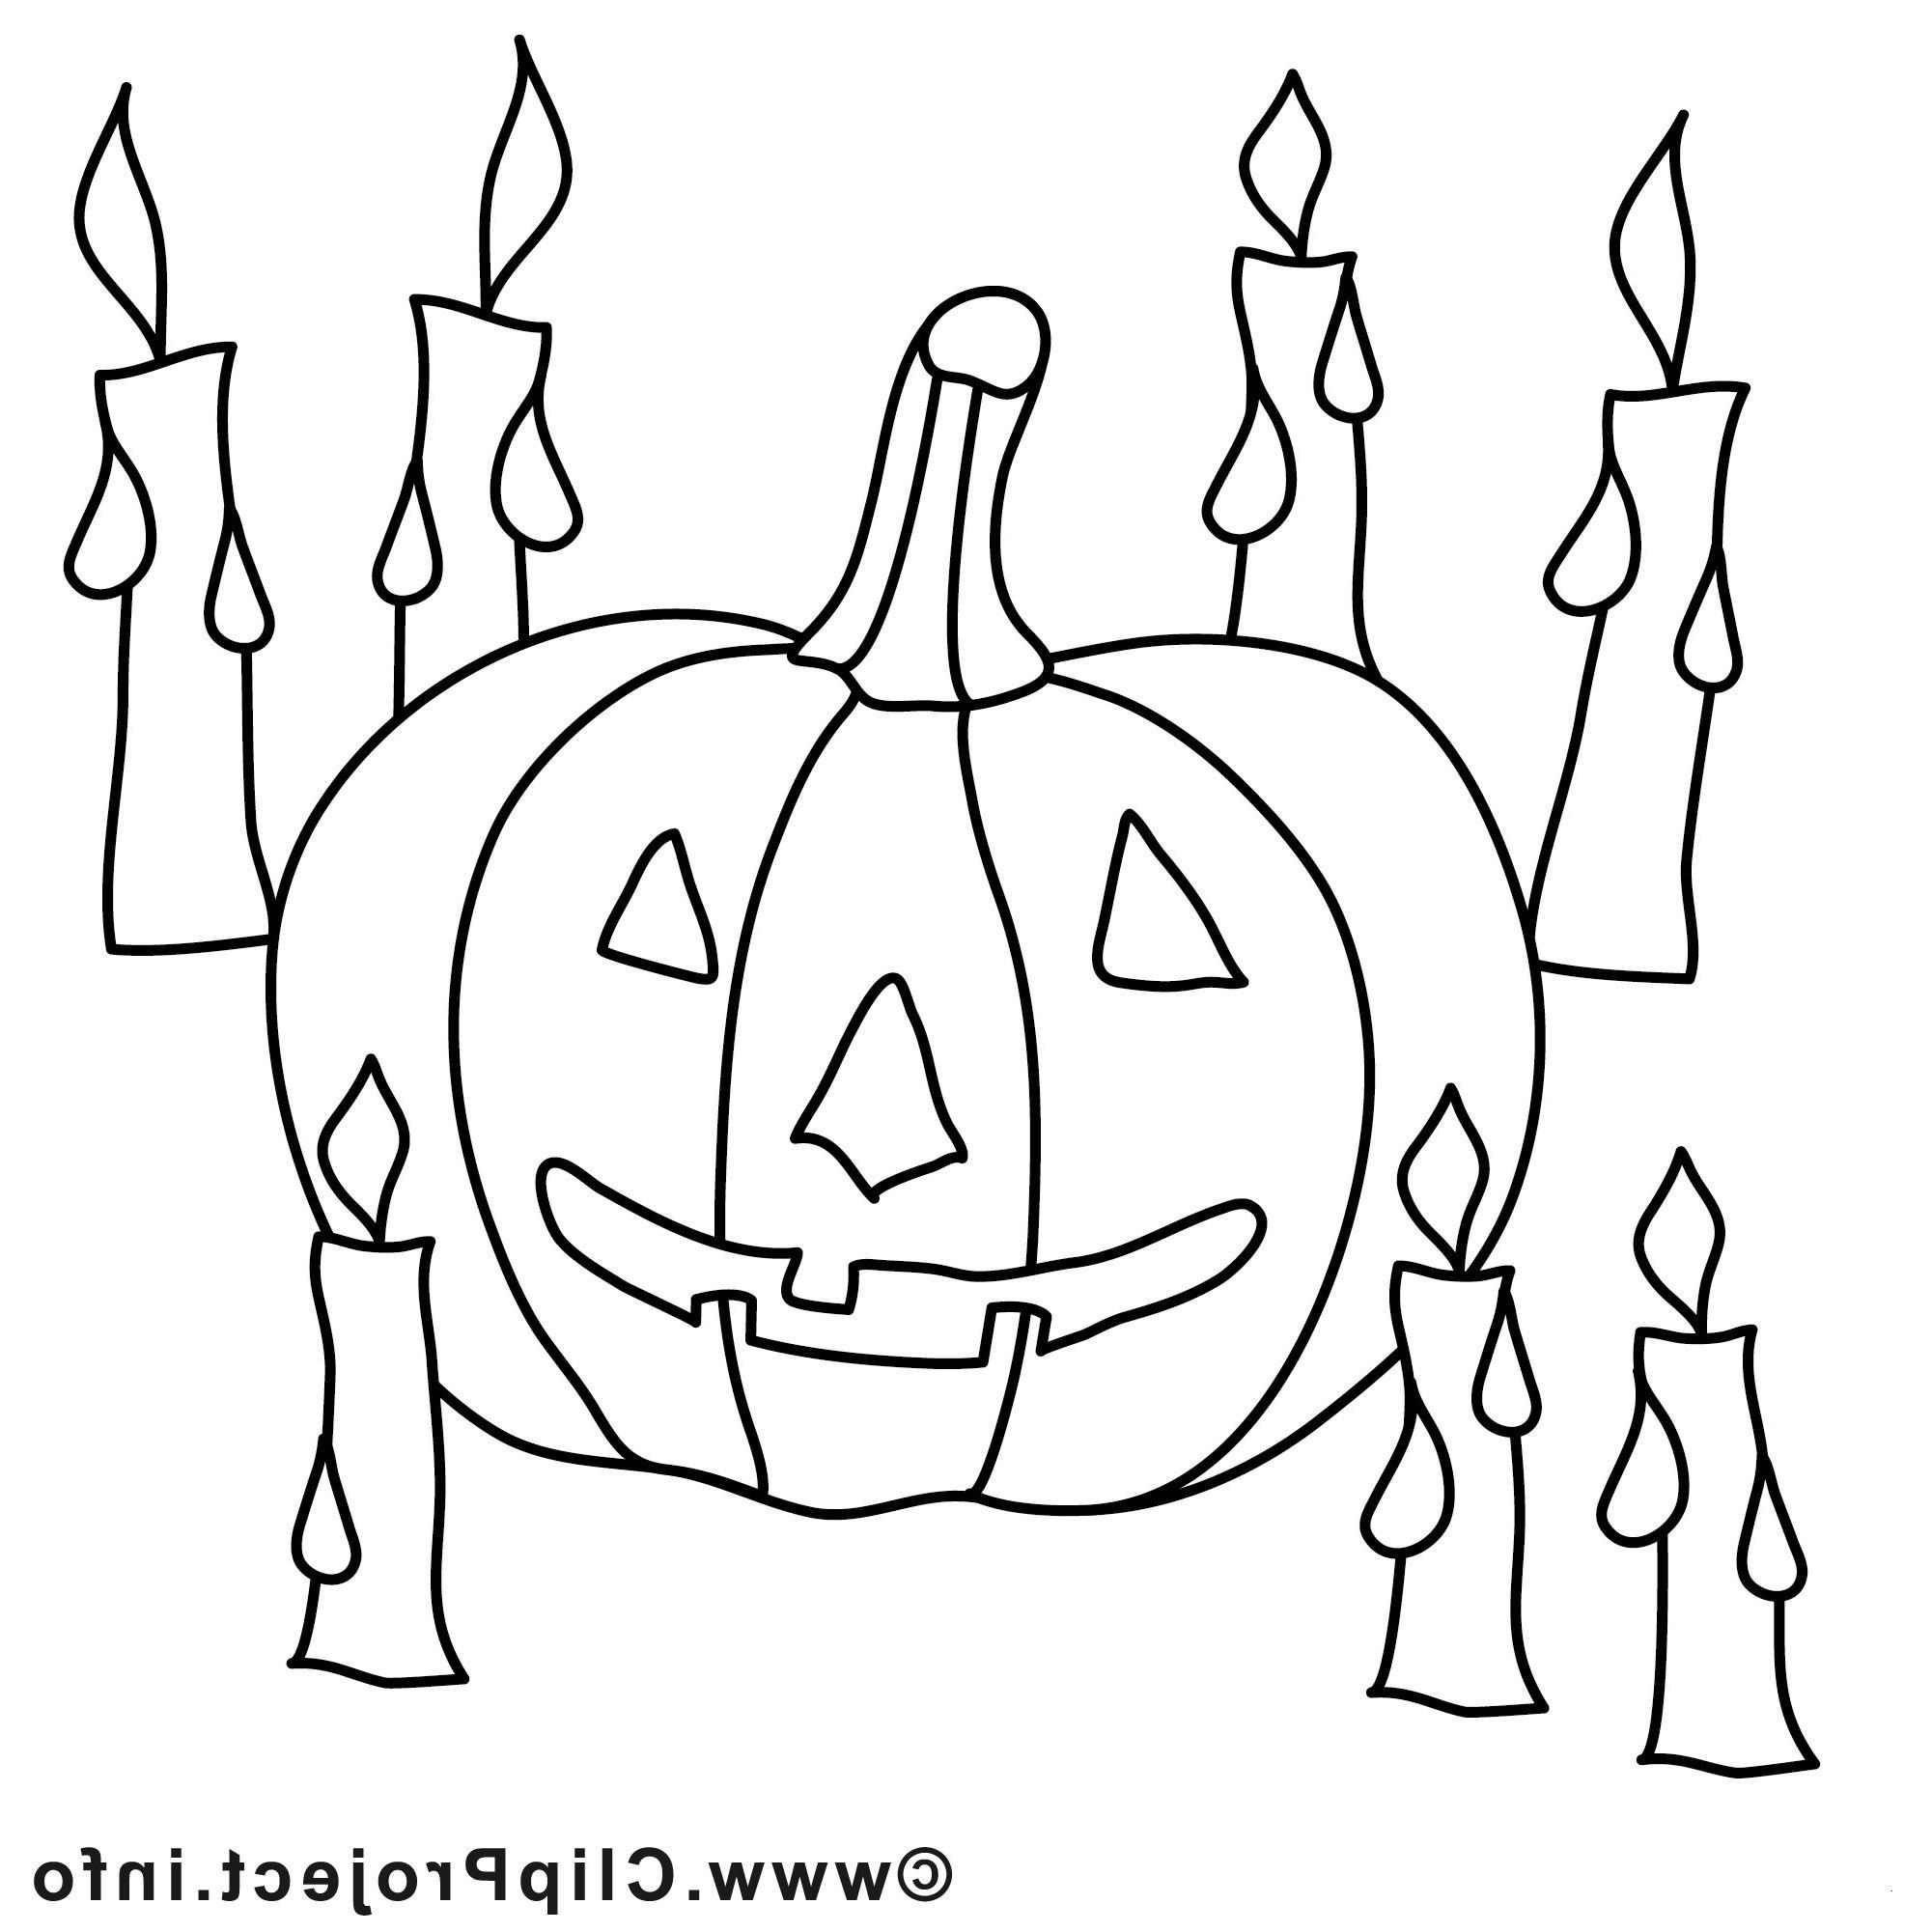 Malvorlagen Halloween Geist Frisch Malvorlage Geist Frisch Malvorlagen Igel Inspirierend Igel Sammlung